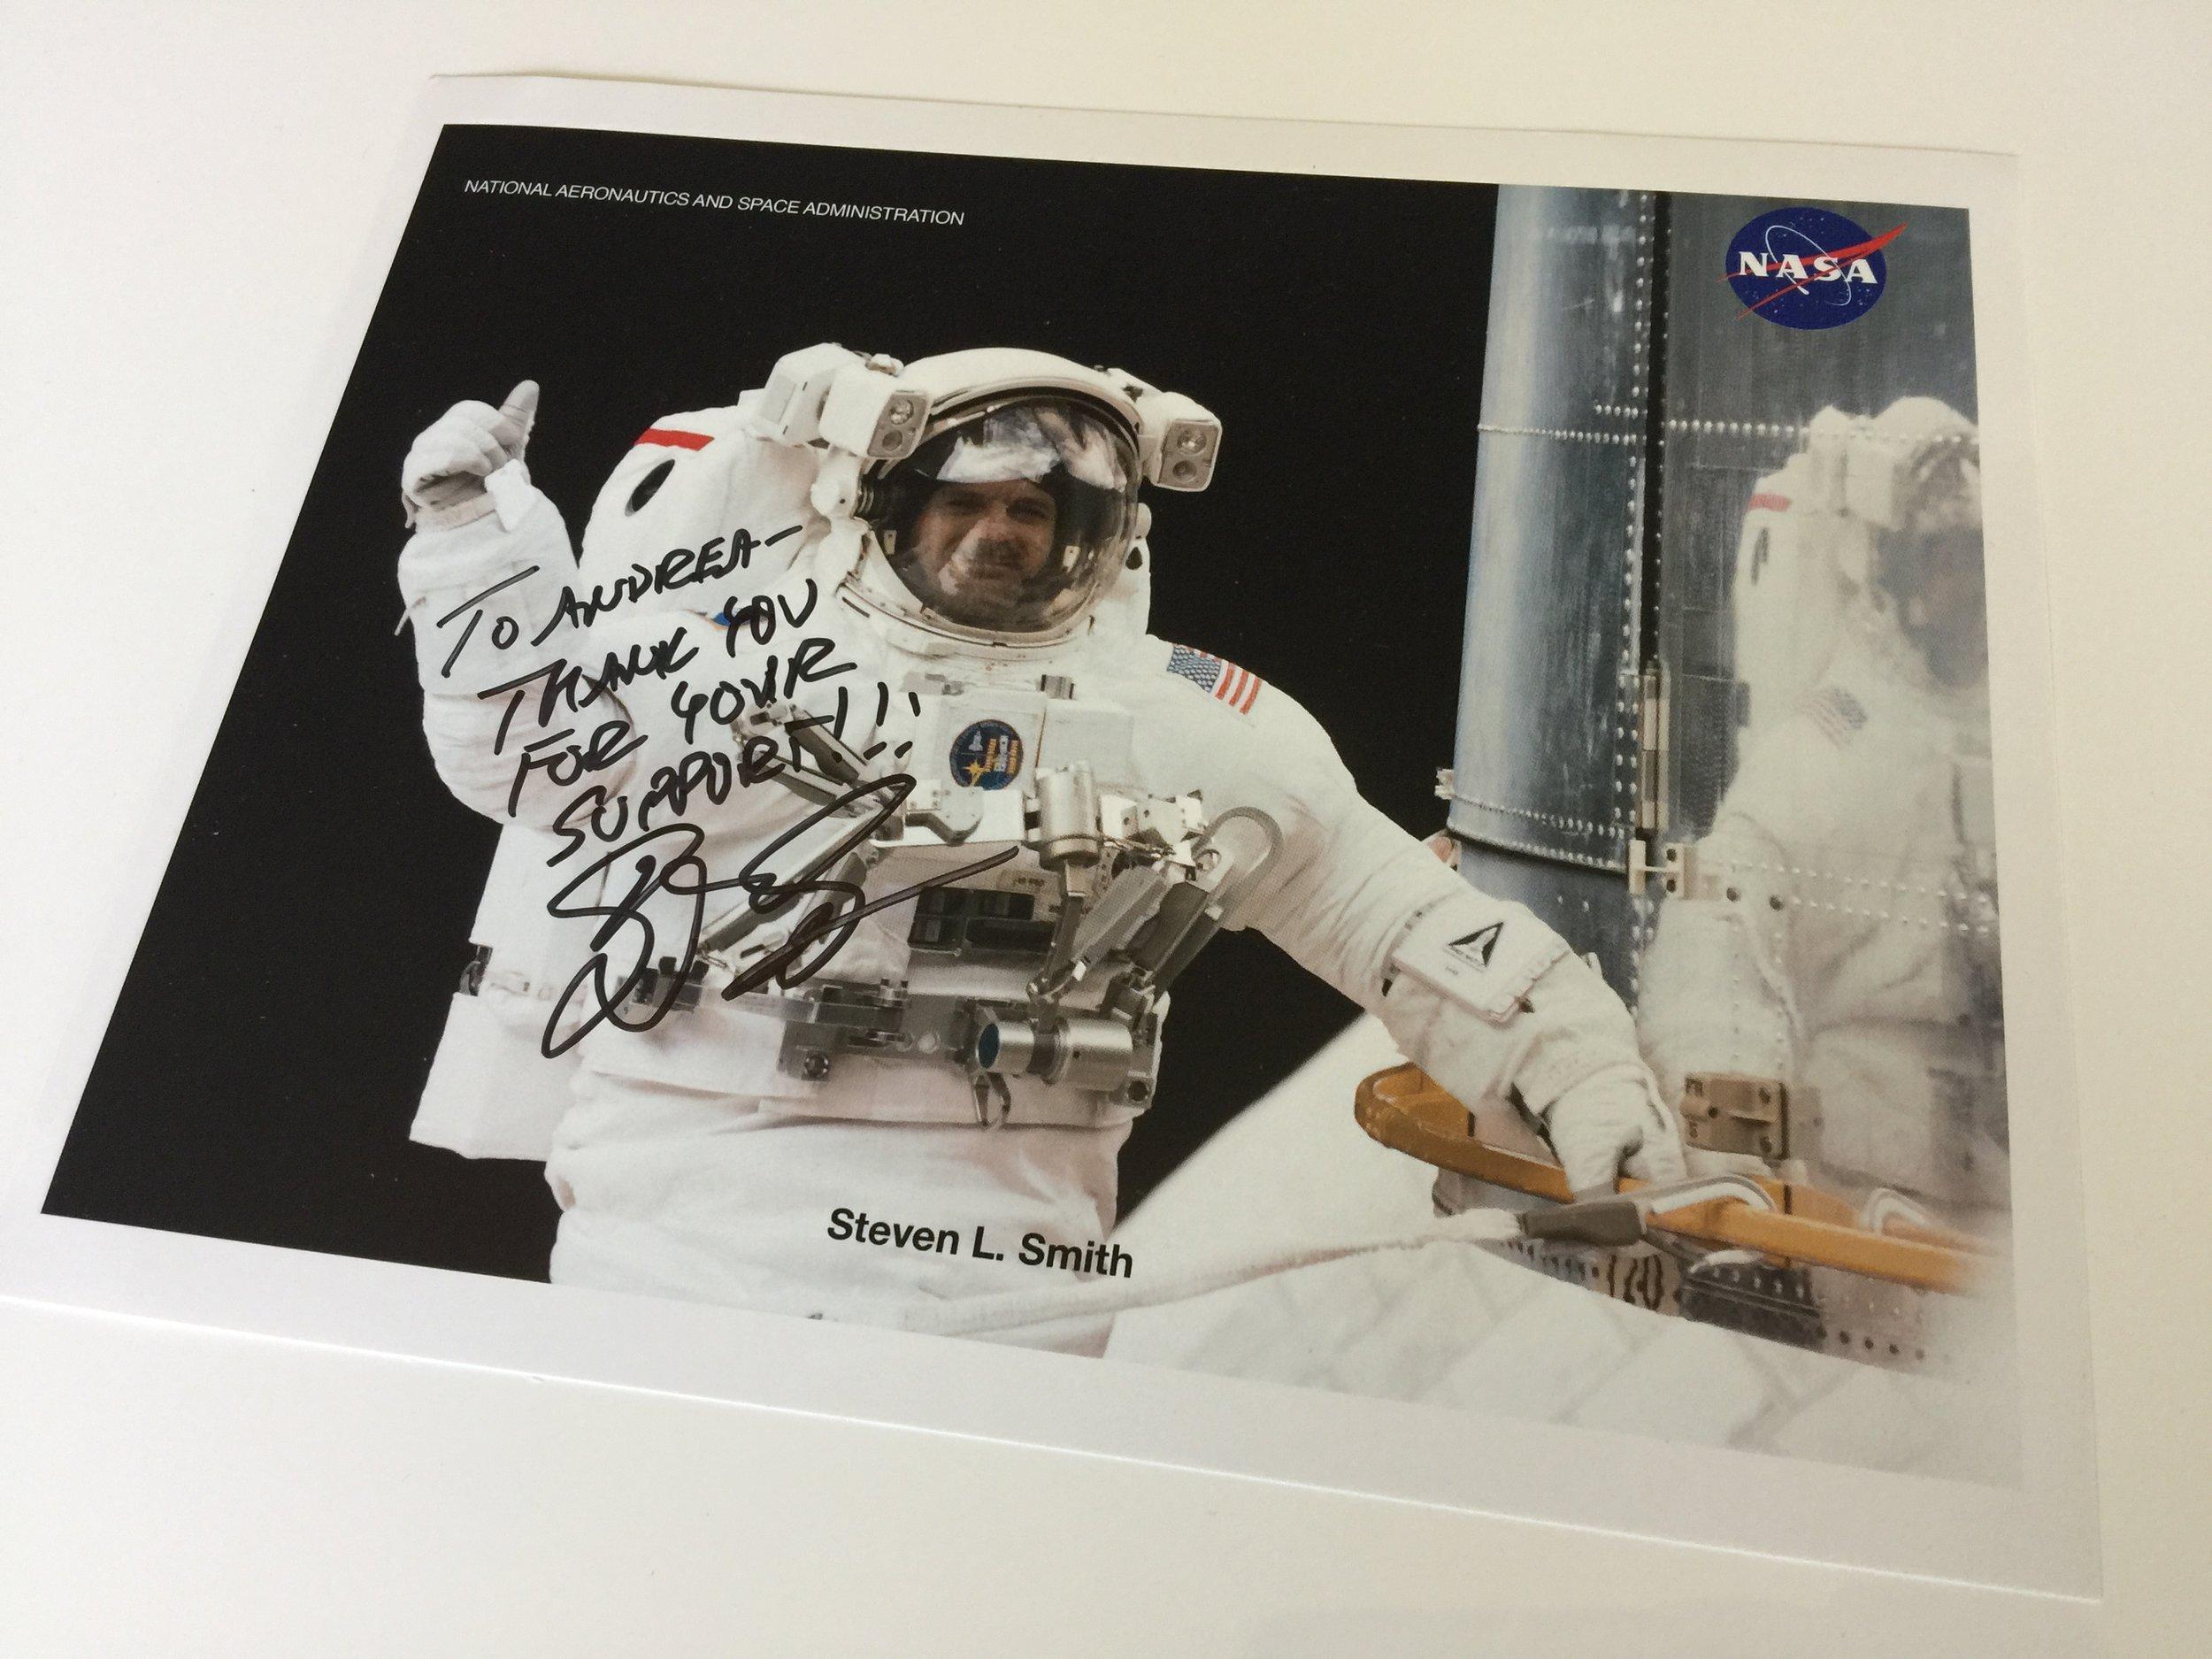 steve_smith_astronaut_signed_autograph.JPG